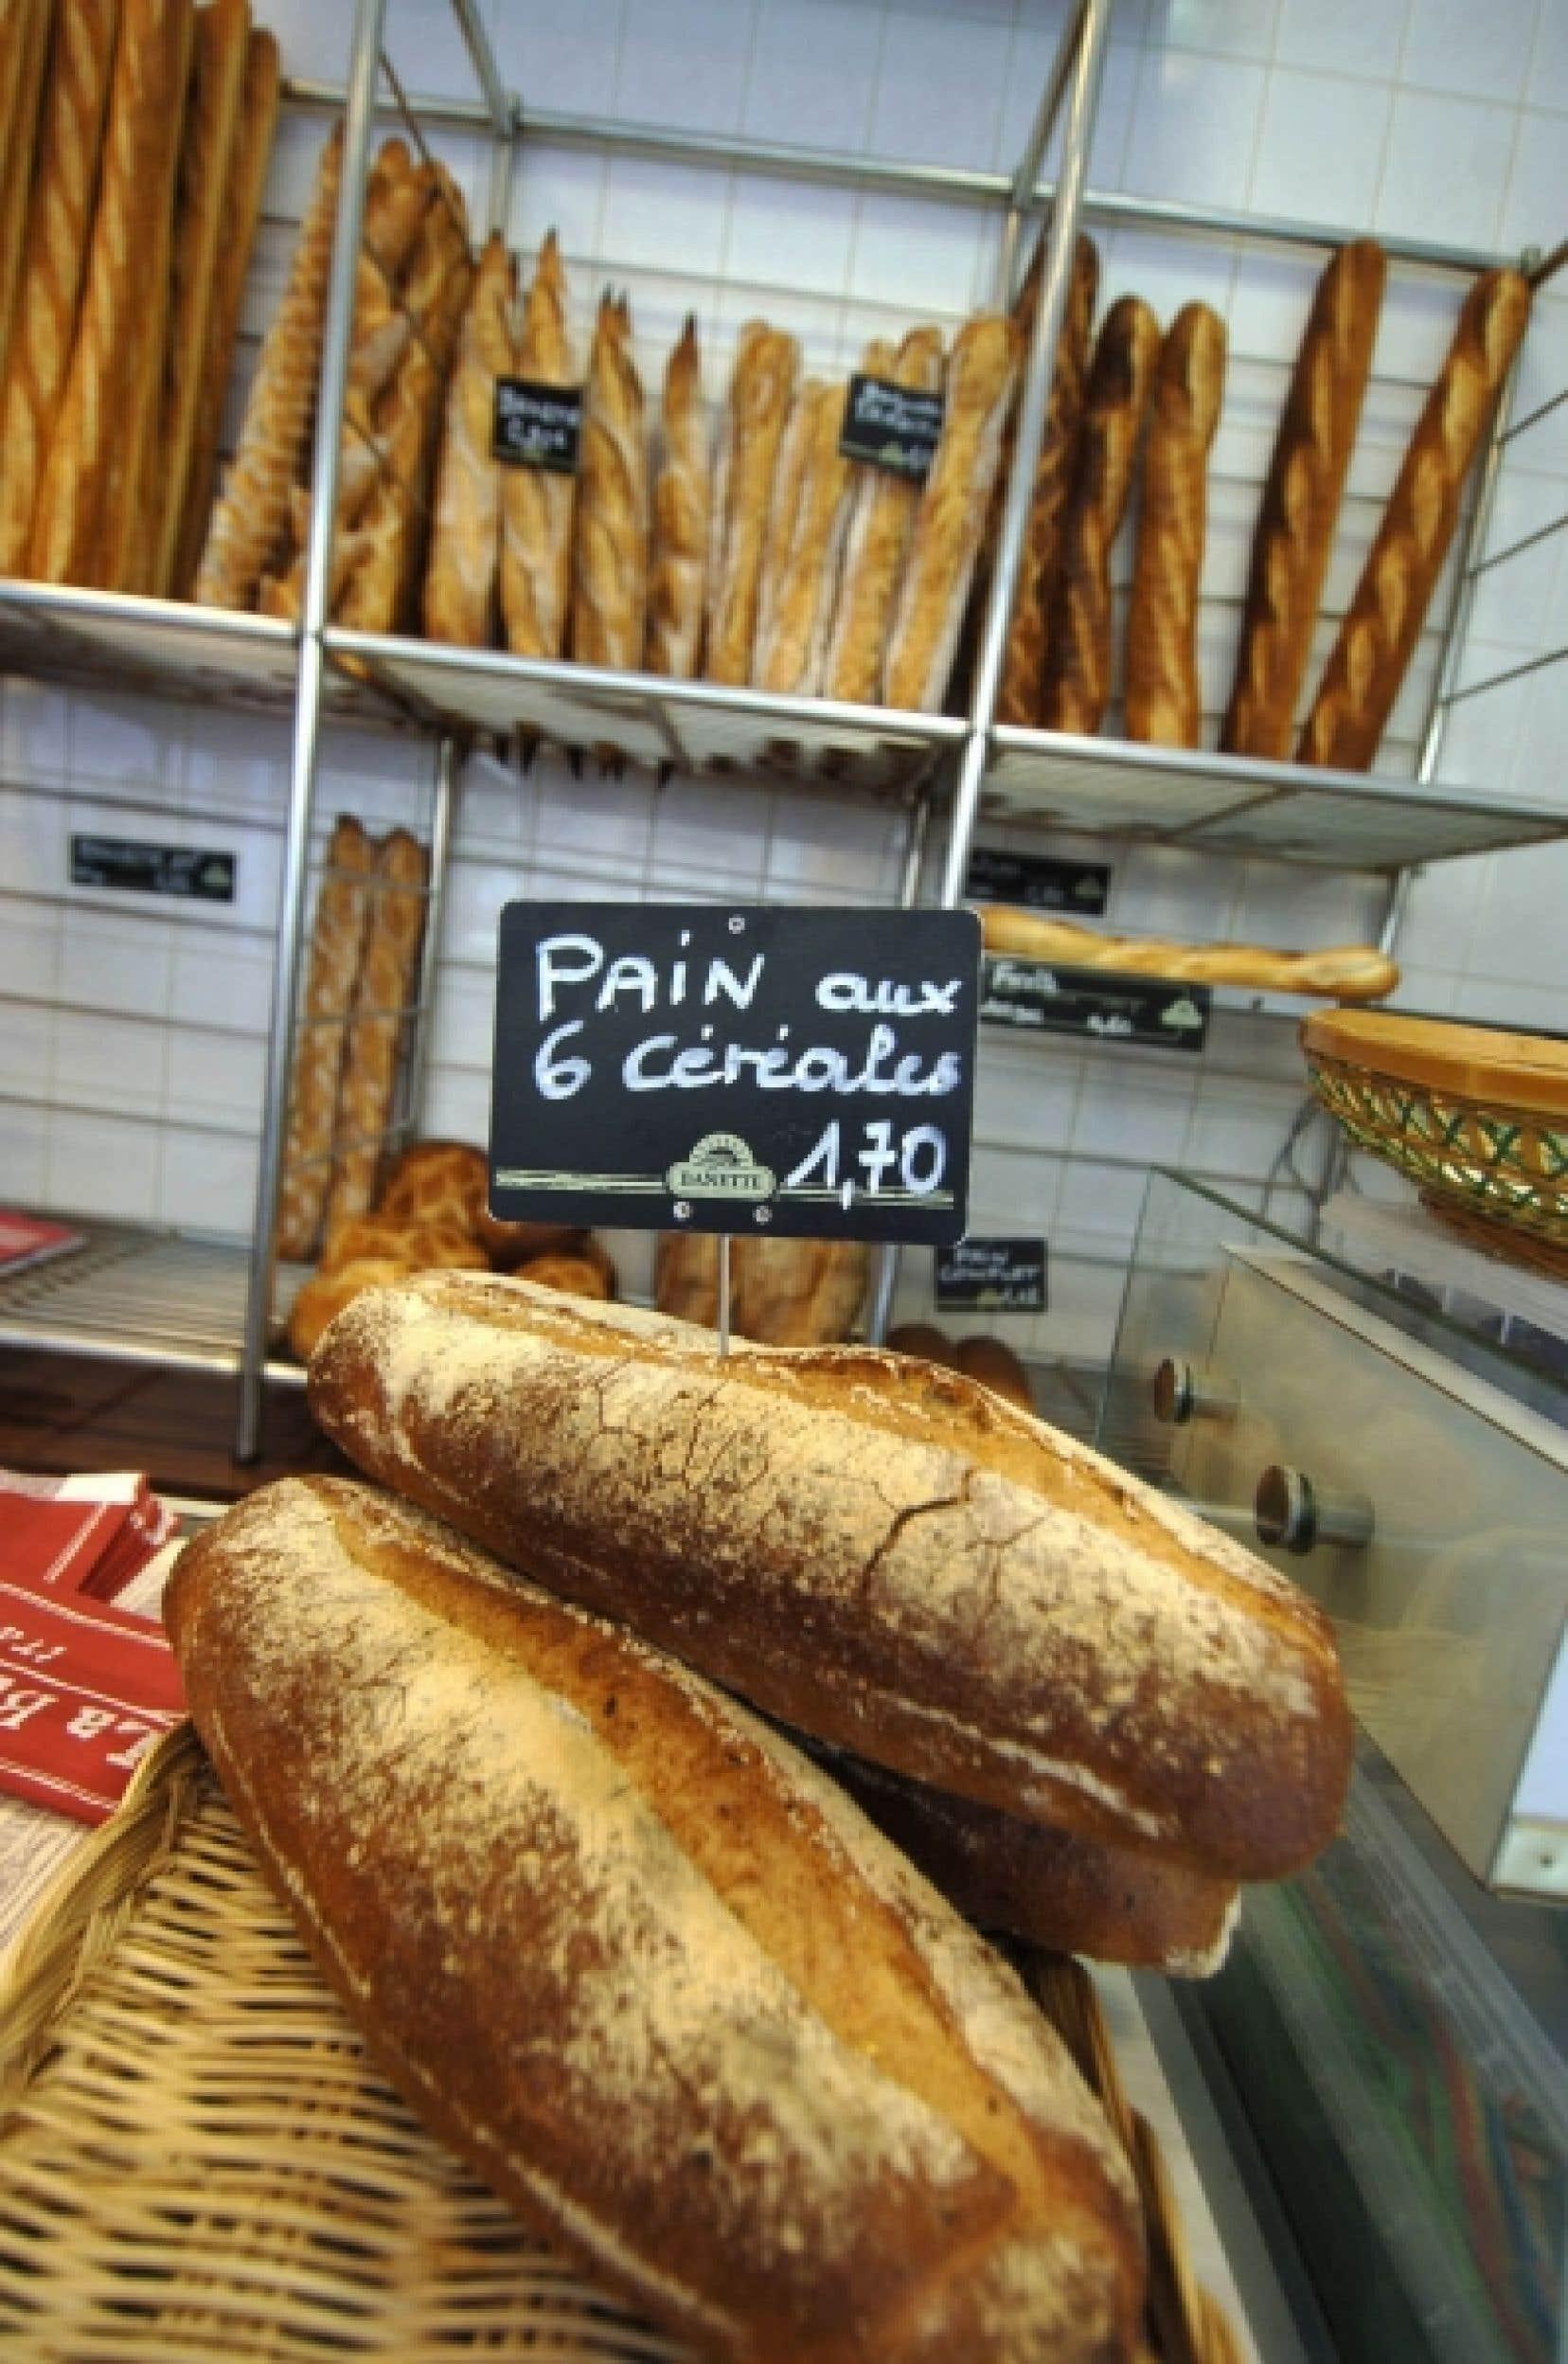 Certains pains peuvent contenir des fèves de haricot, de soya, de l'acide ascorbique, du malt.<br />